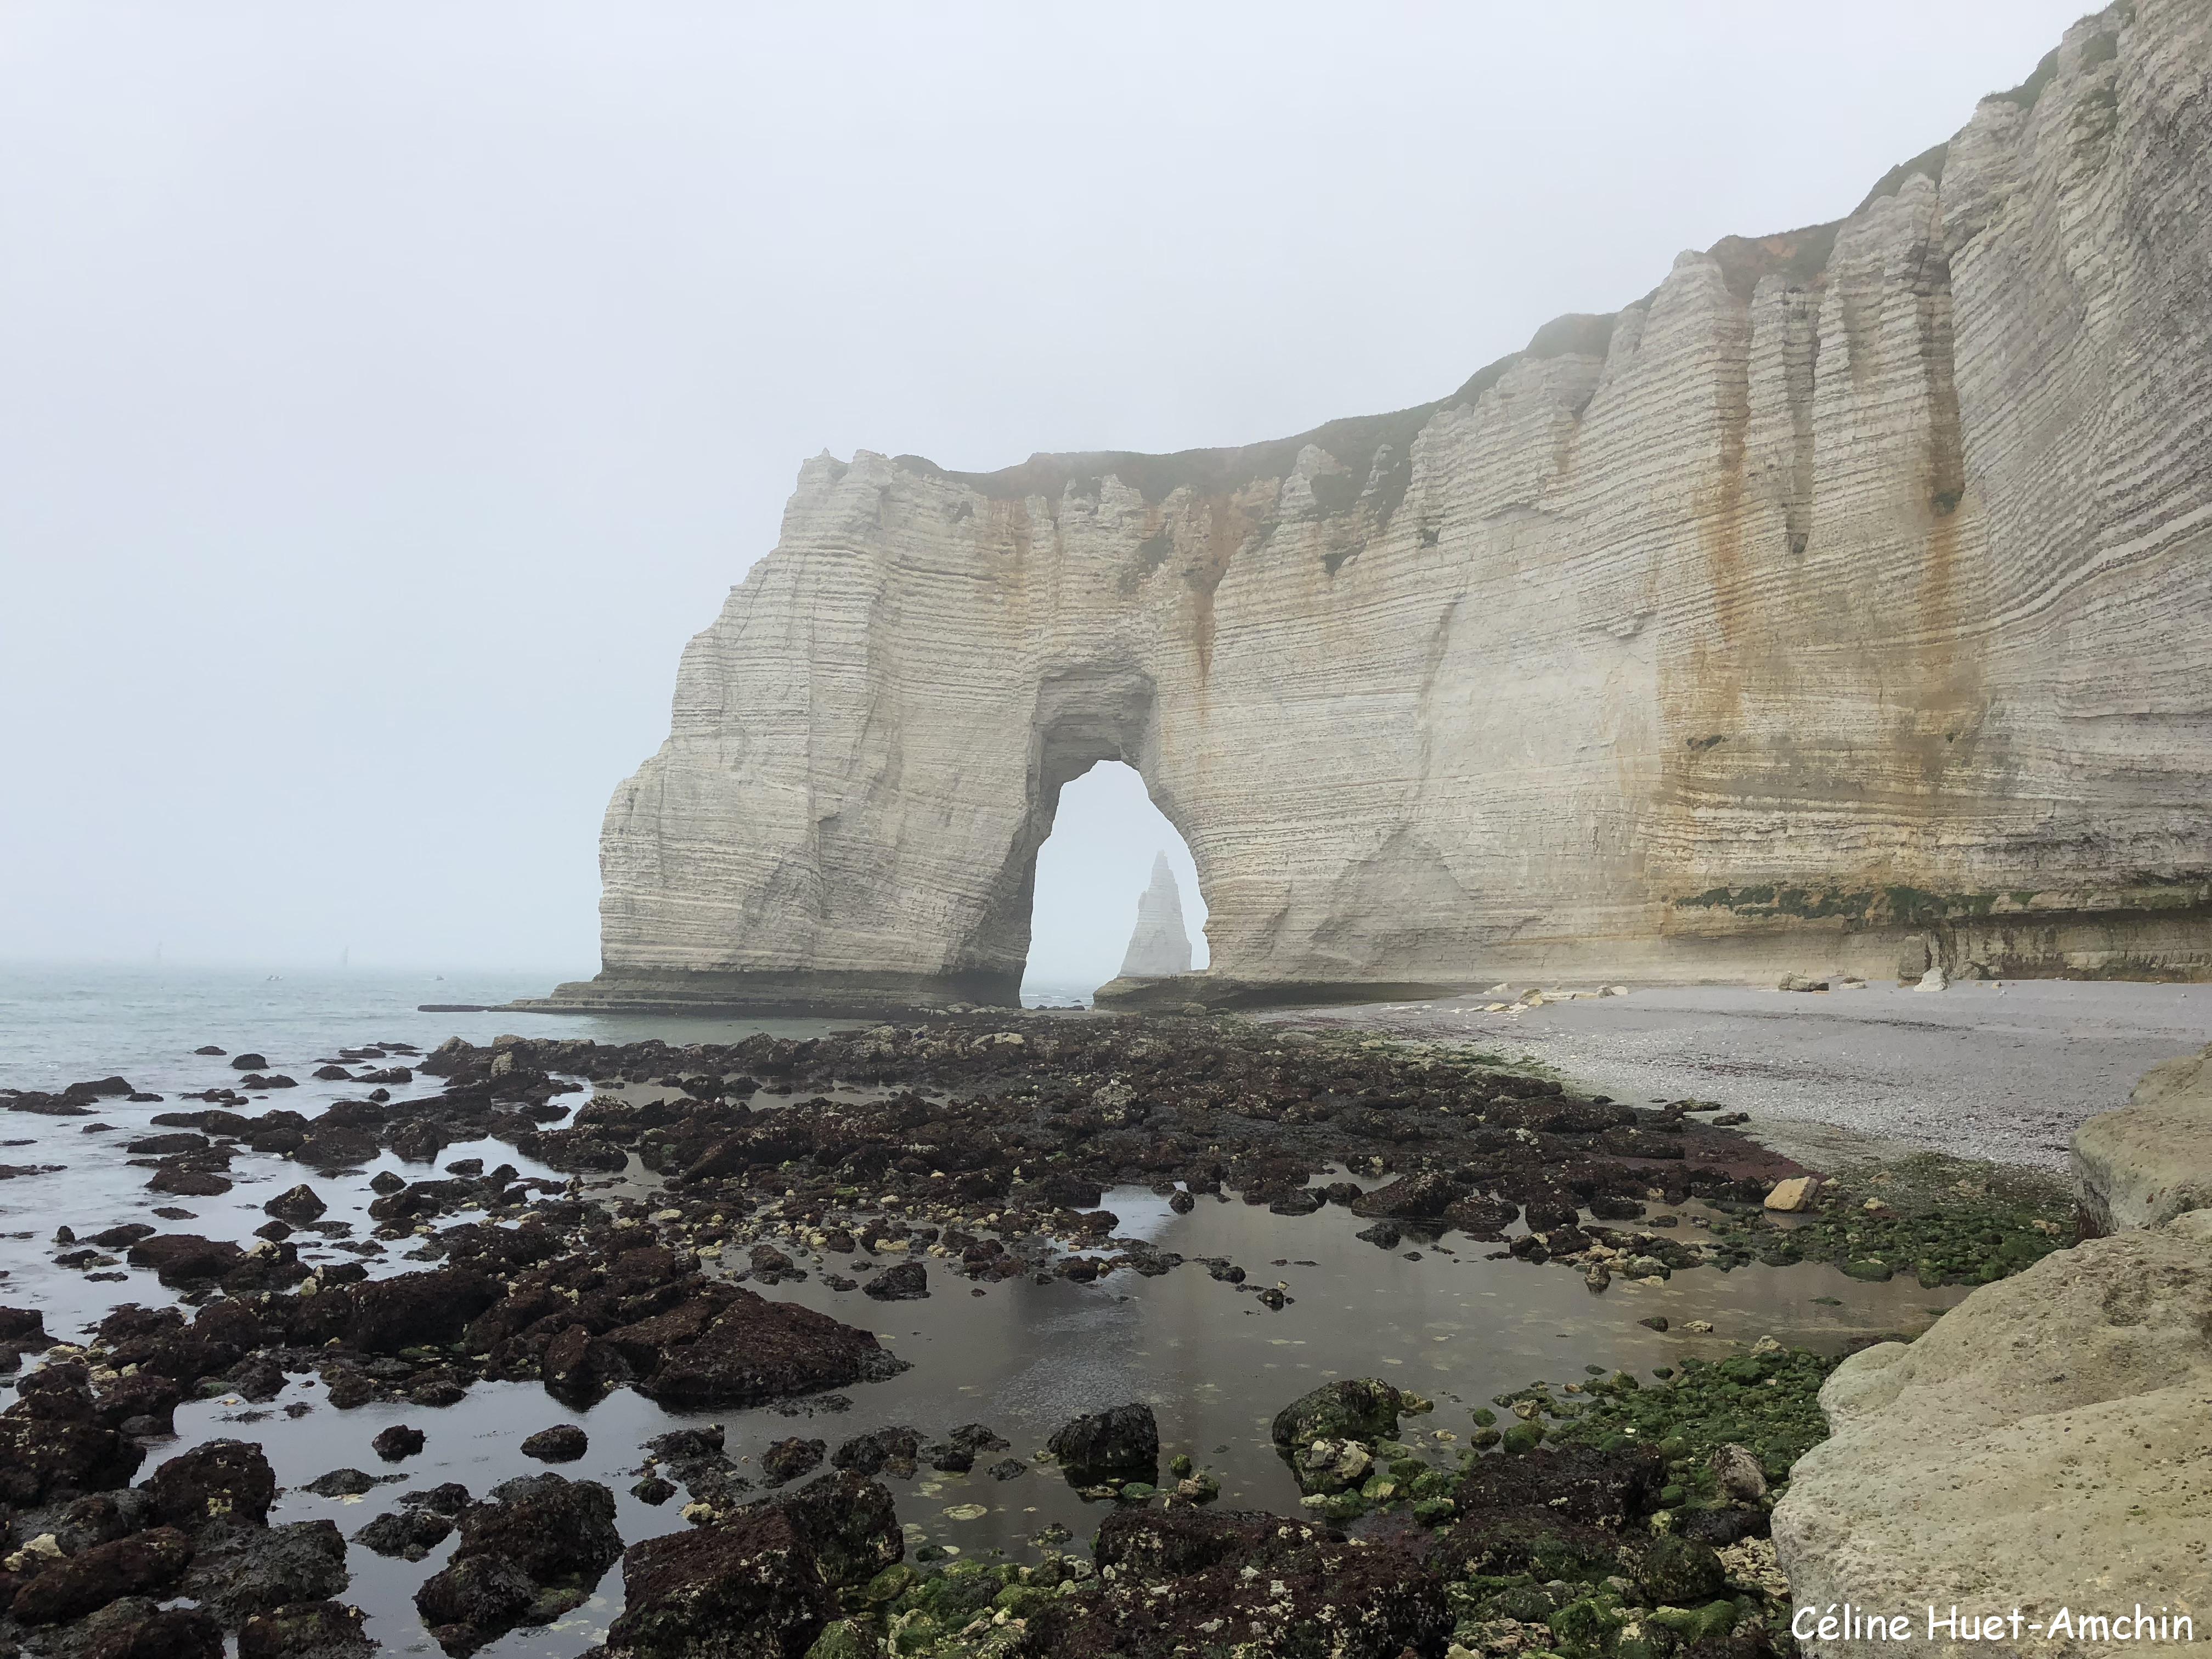 La Valleuse de Valaine la Manneporte et l'Aiguille d'Aval Etretat Normandie